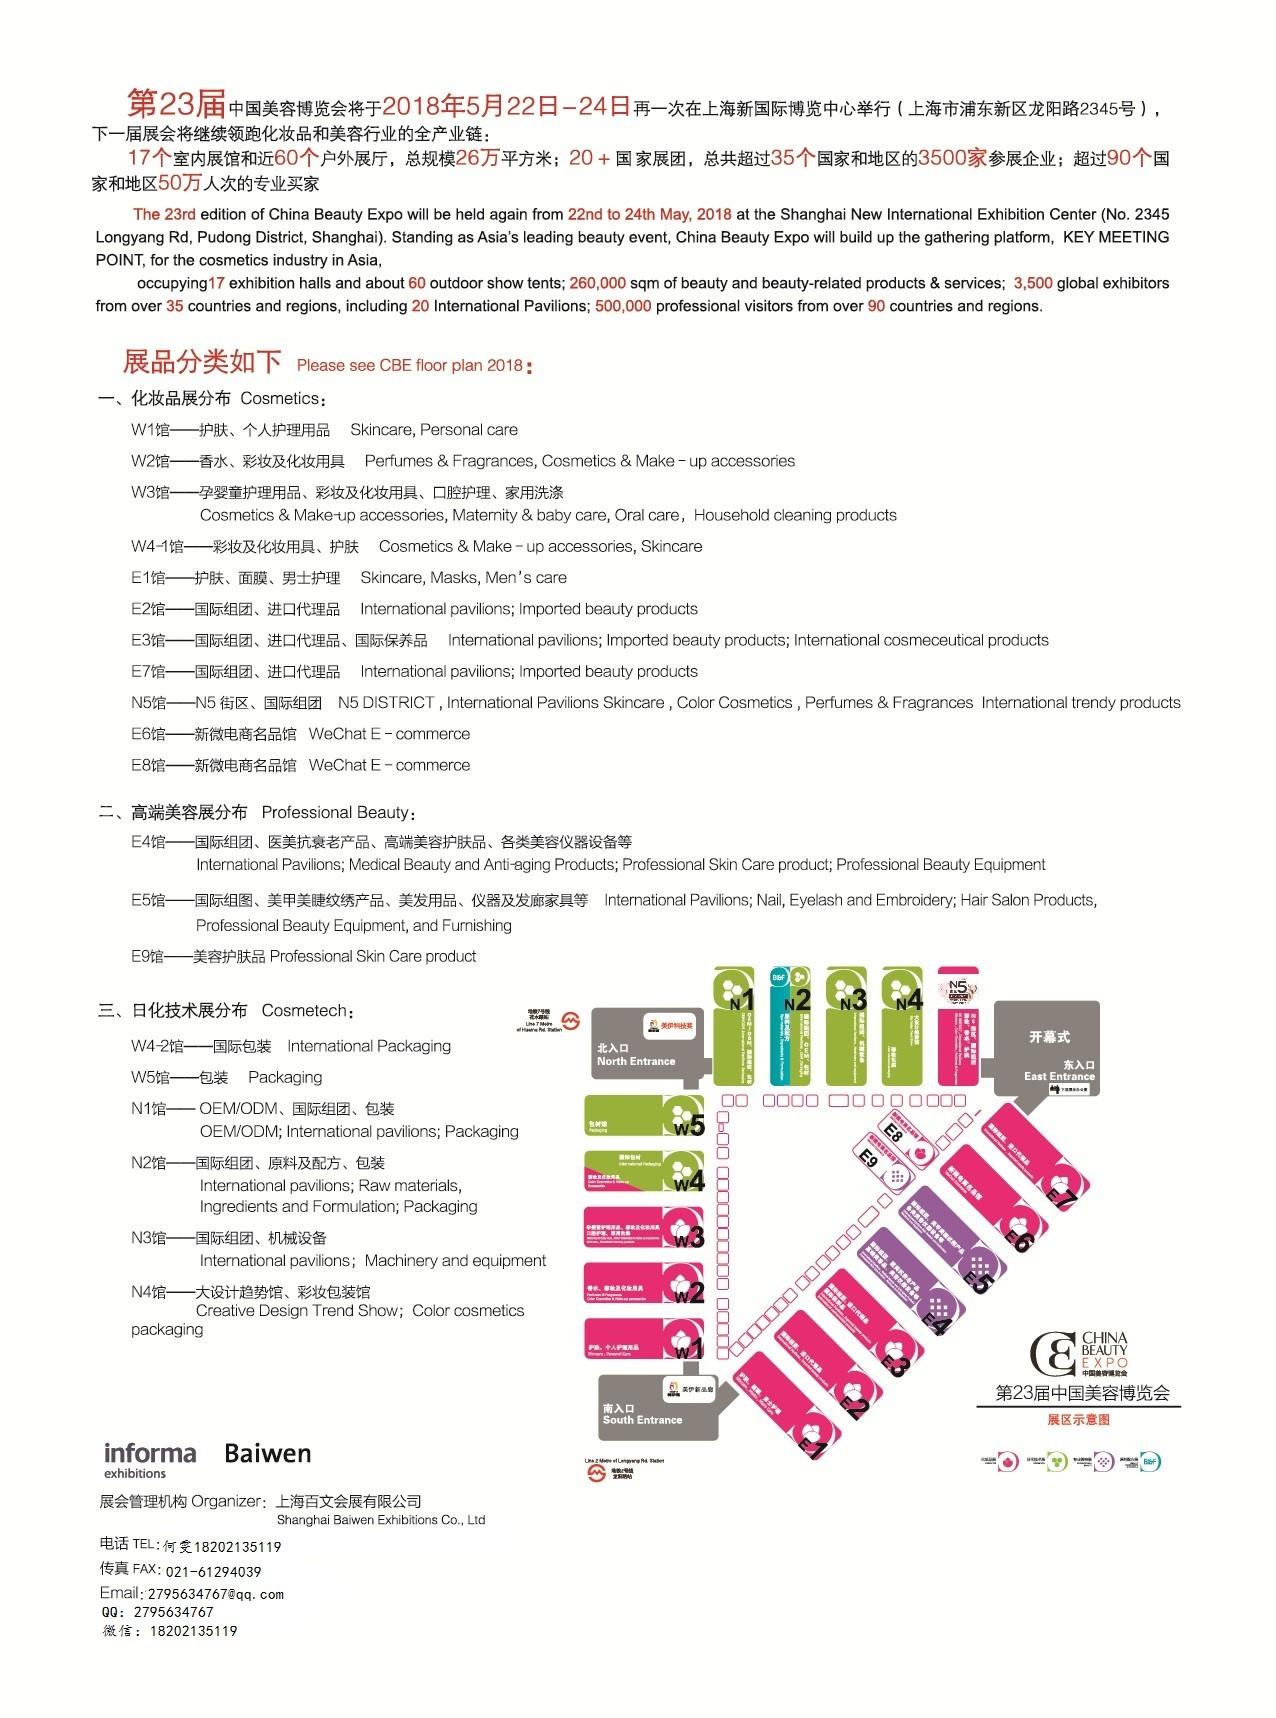 聚焦22届CBE报告中蕴藏了23届上海美博会哪些大爆点